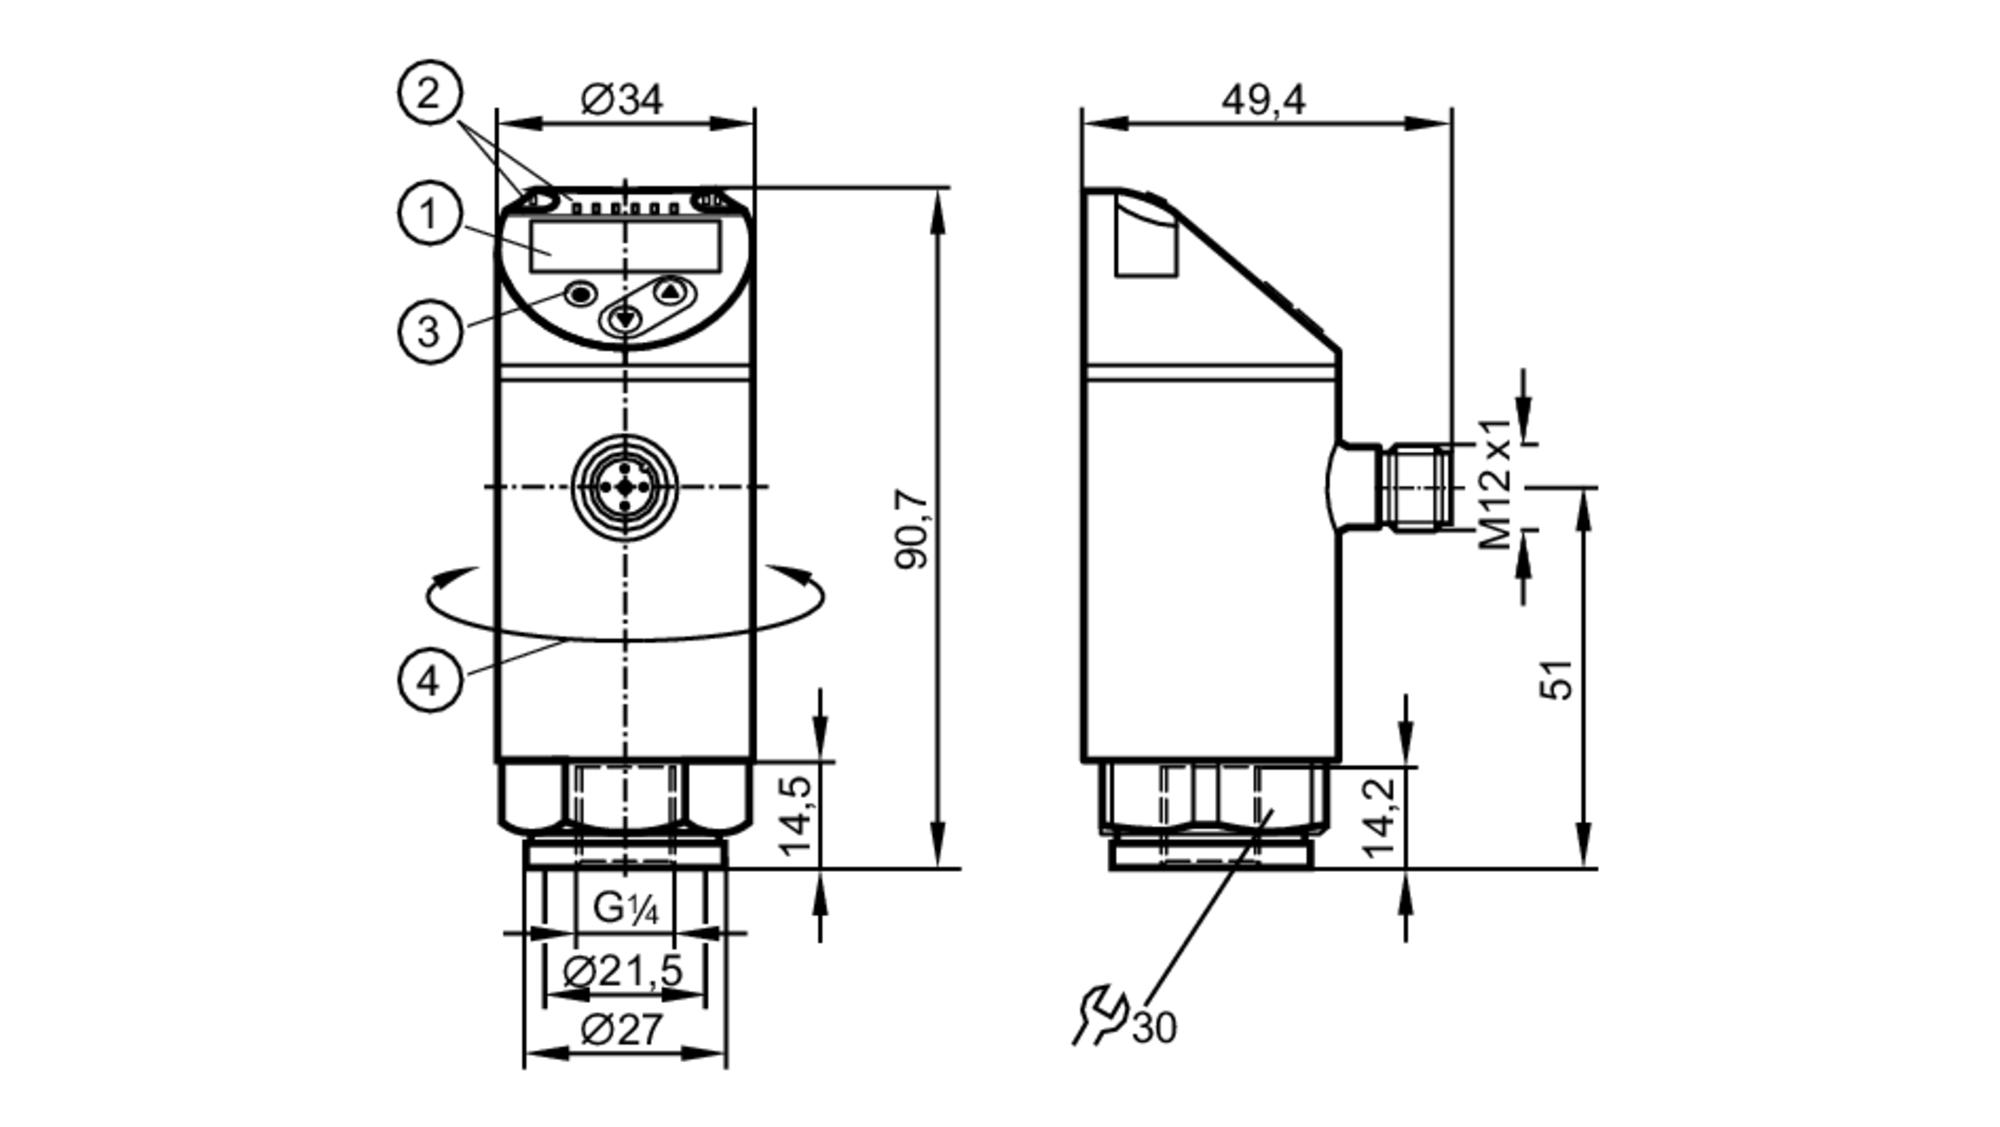 pn7071 - pressure sensor with display